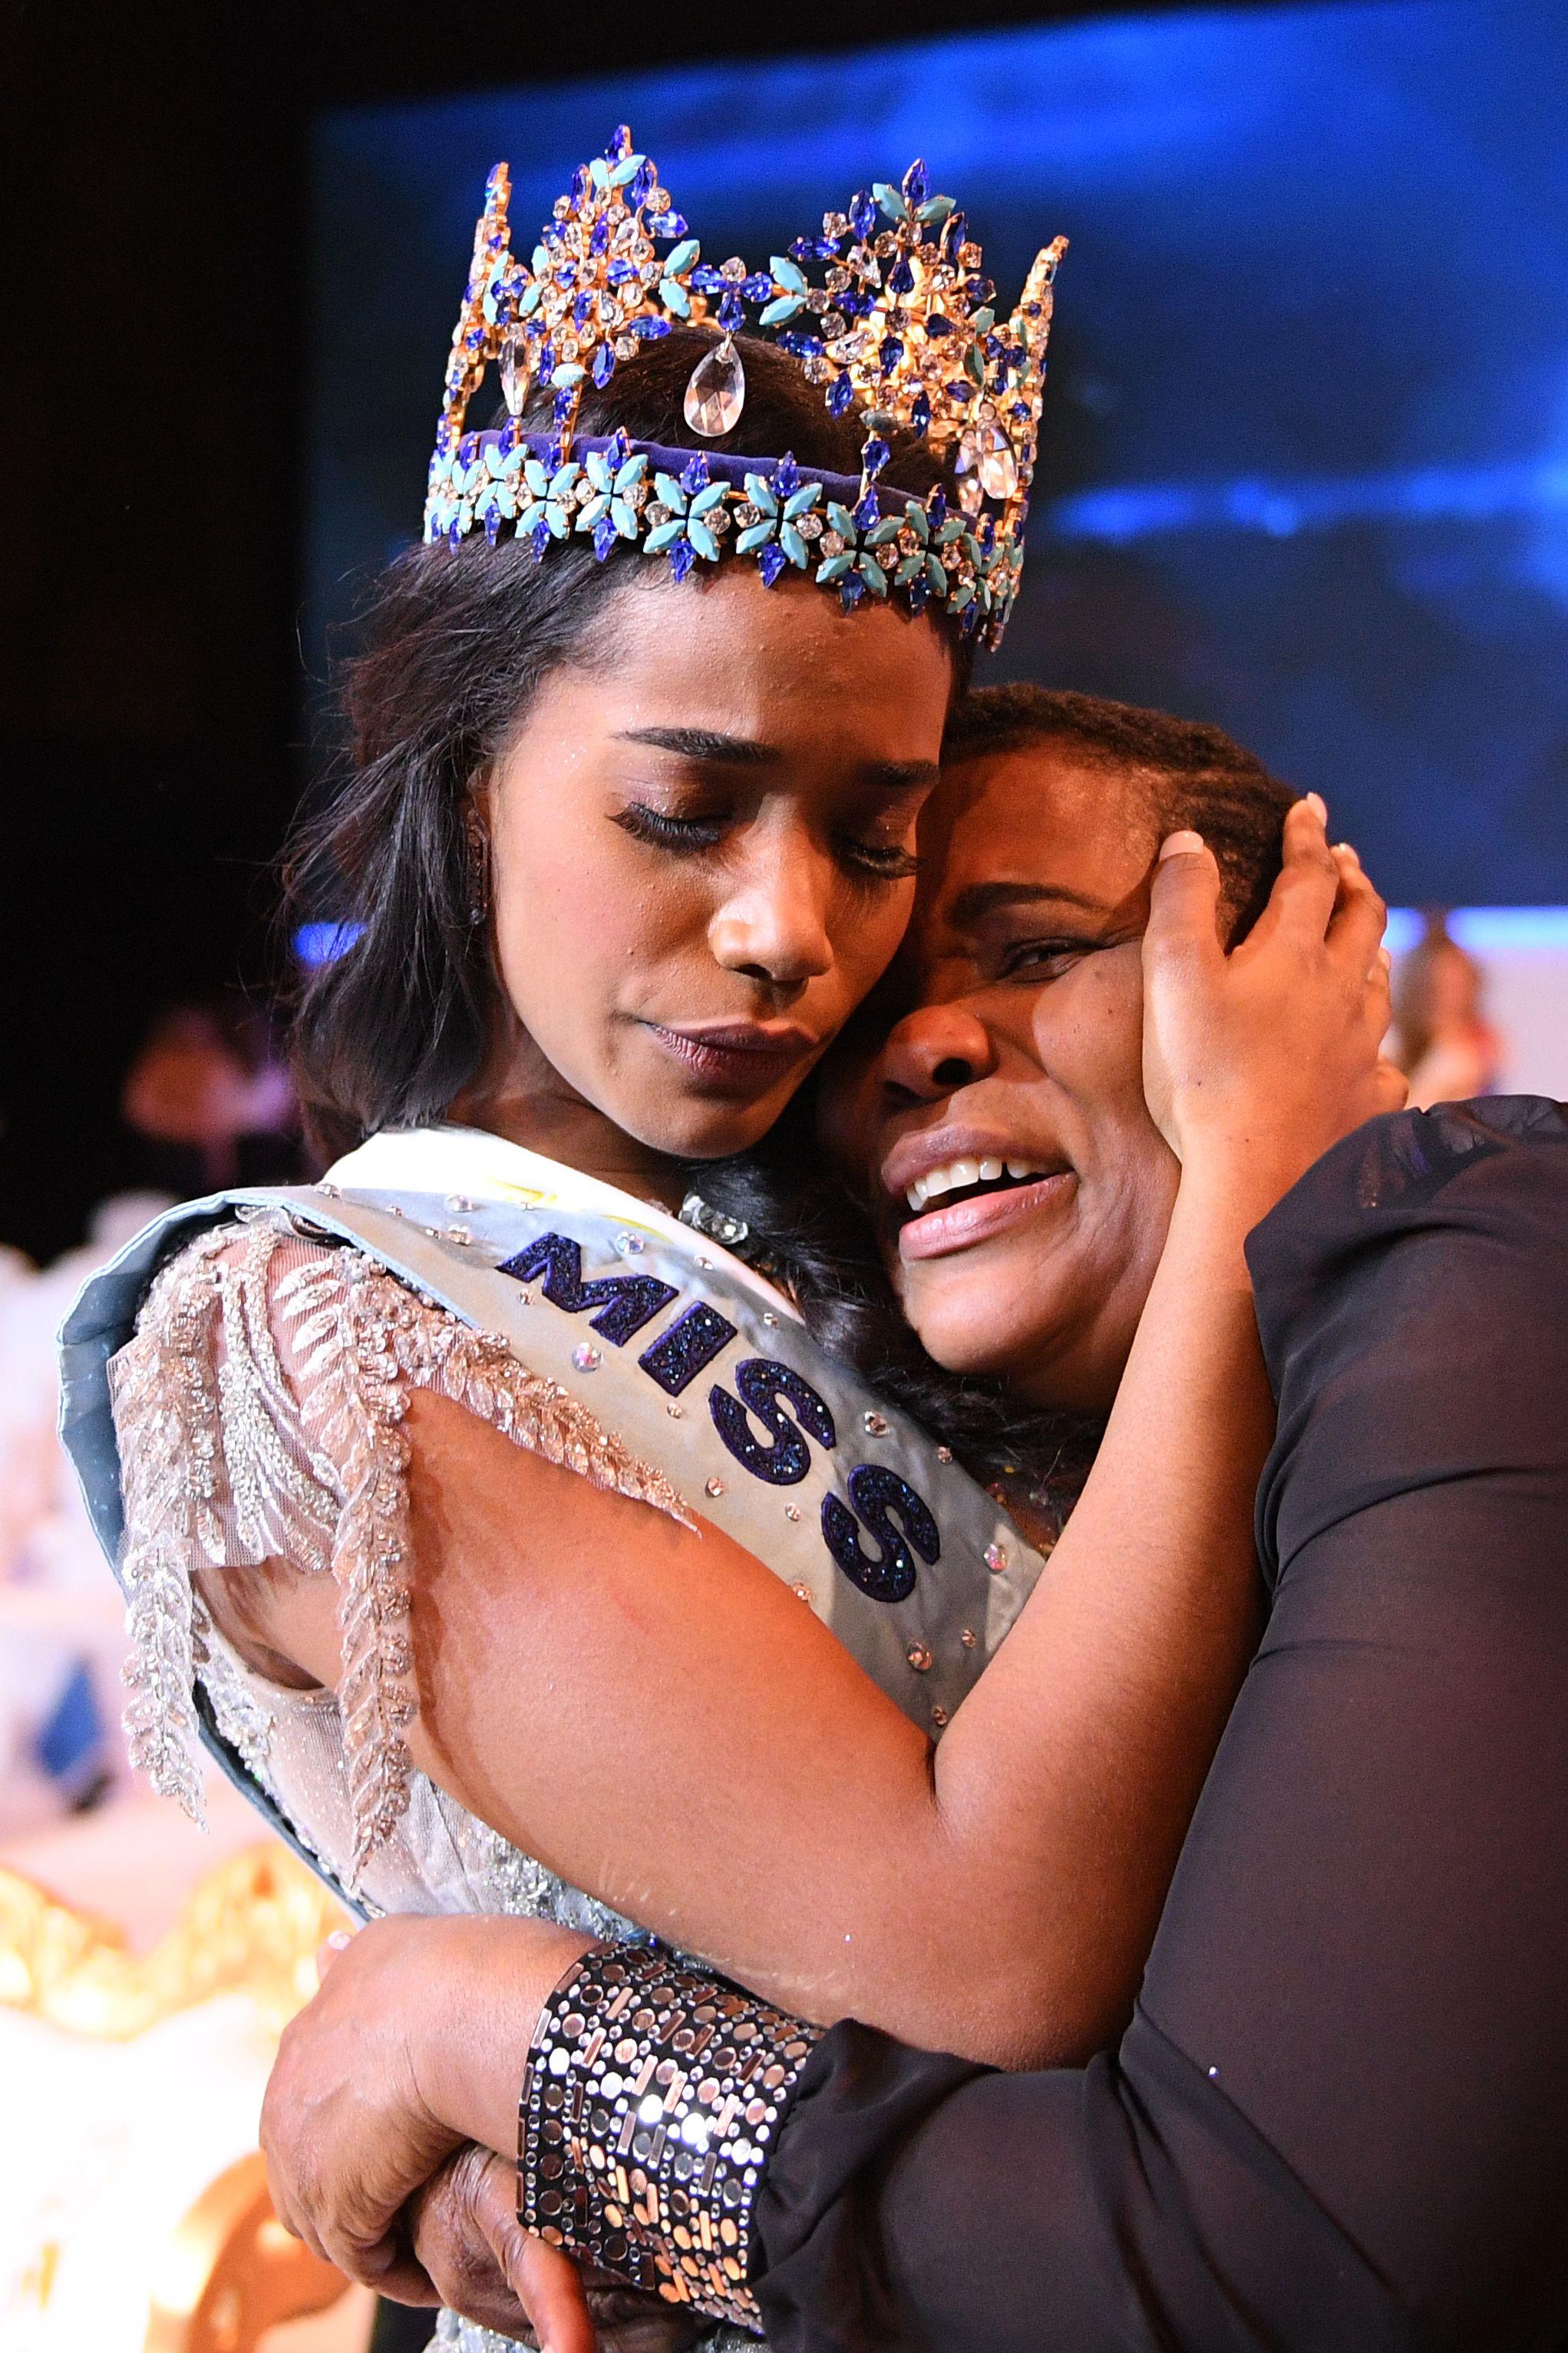 미스 자메이카 토니 안 싱이 14일(현지시간) 영국 런던의 엑셀 센터에서 열린 제69회 미스 월드 선발대회에서 2019 미스 월드로 선정된 뒤 왕관을 쓰고 어머니와 포옹하고 있다. [AFP=연합뉴스]